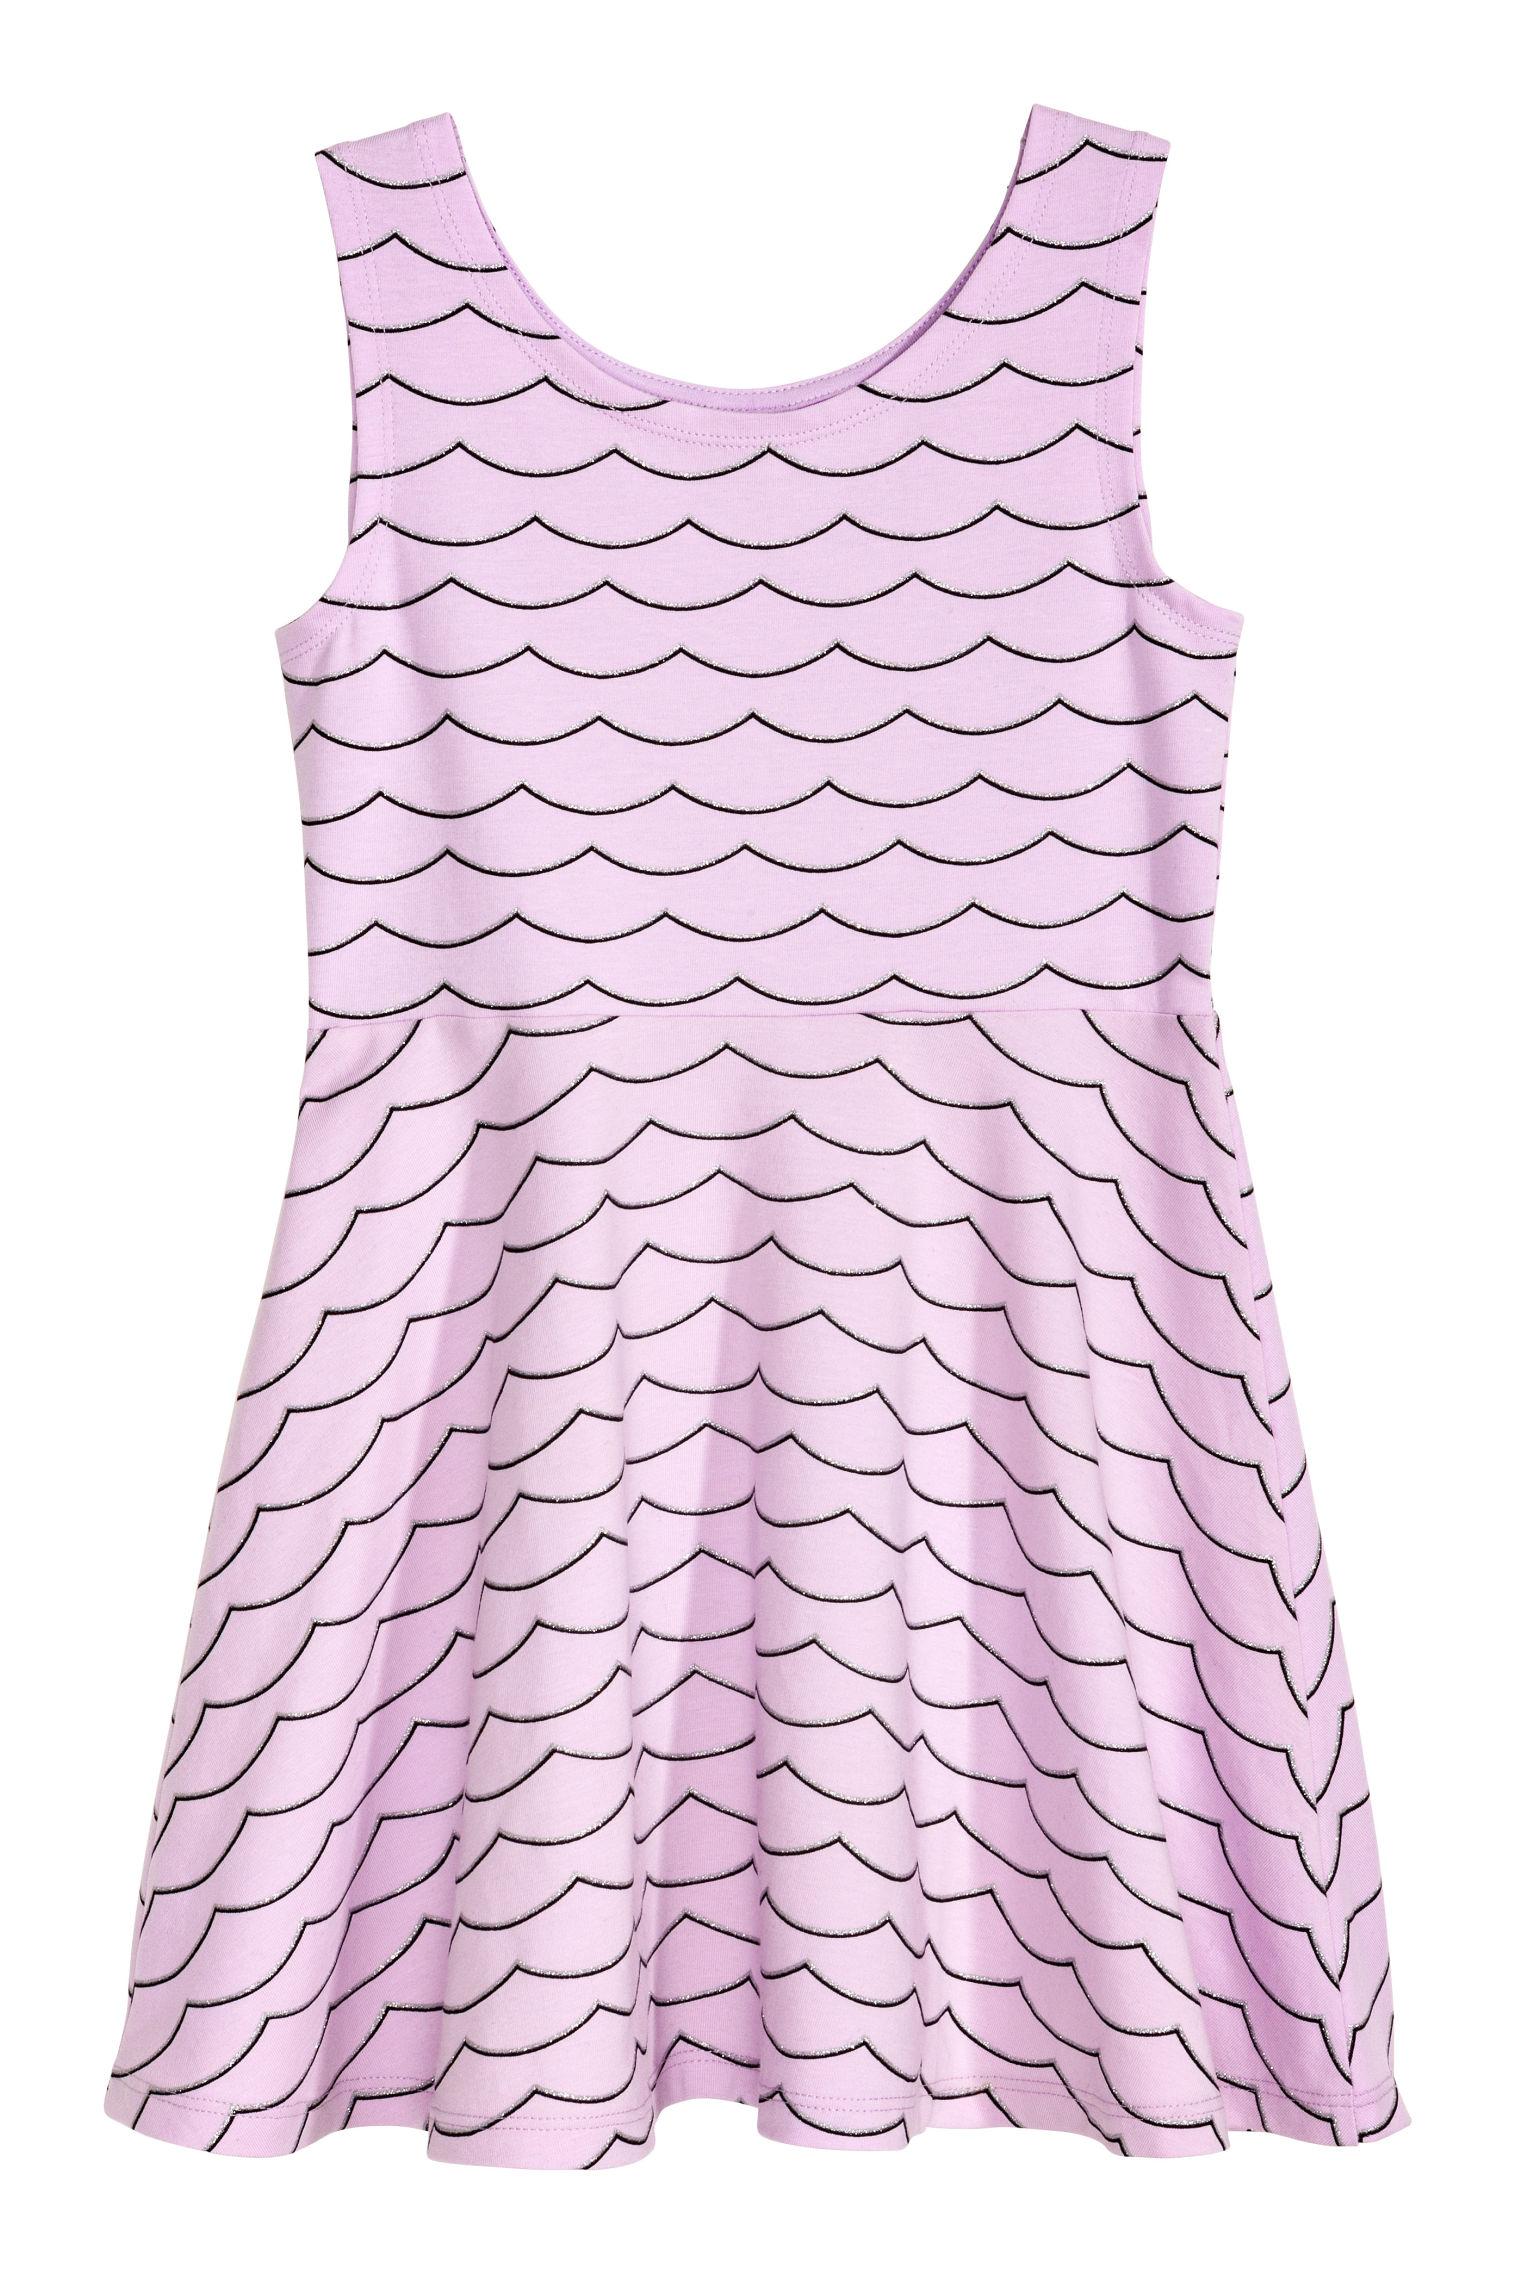 Lujoso Prom Dresses H&m Colección de Imágenes - Colección de ...